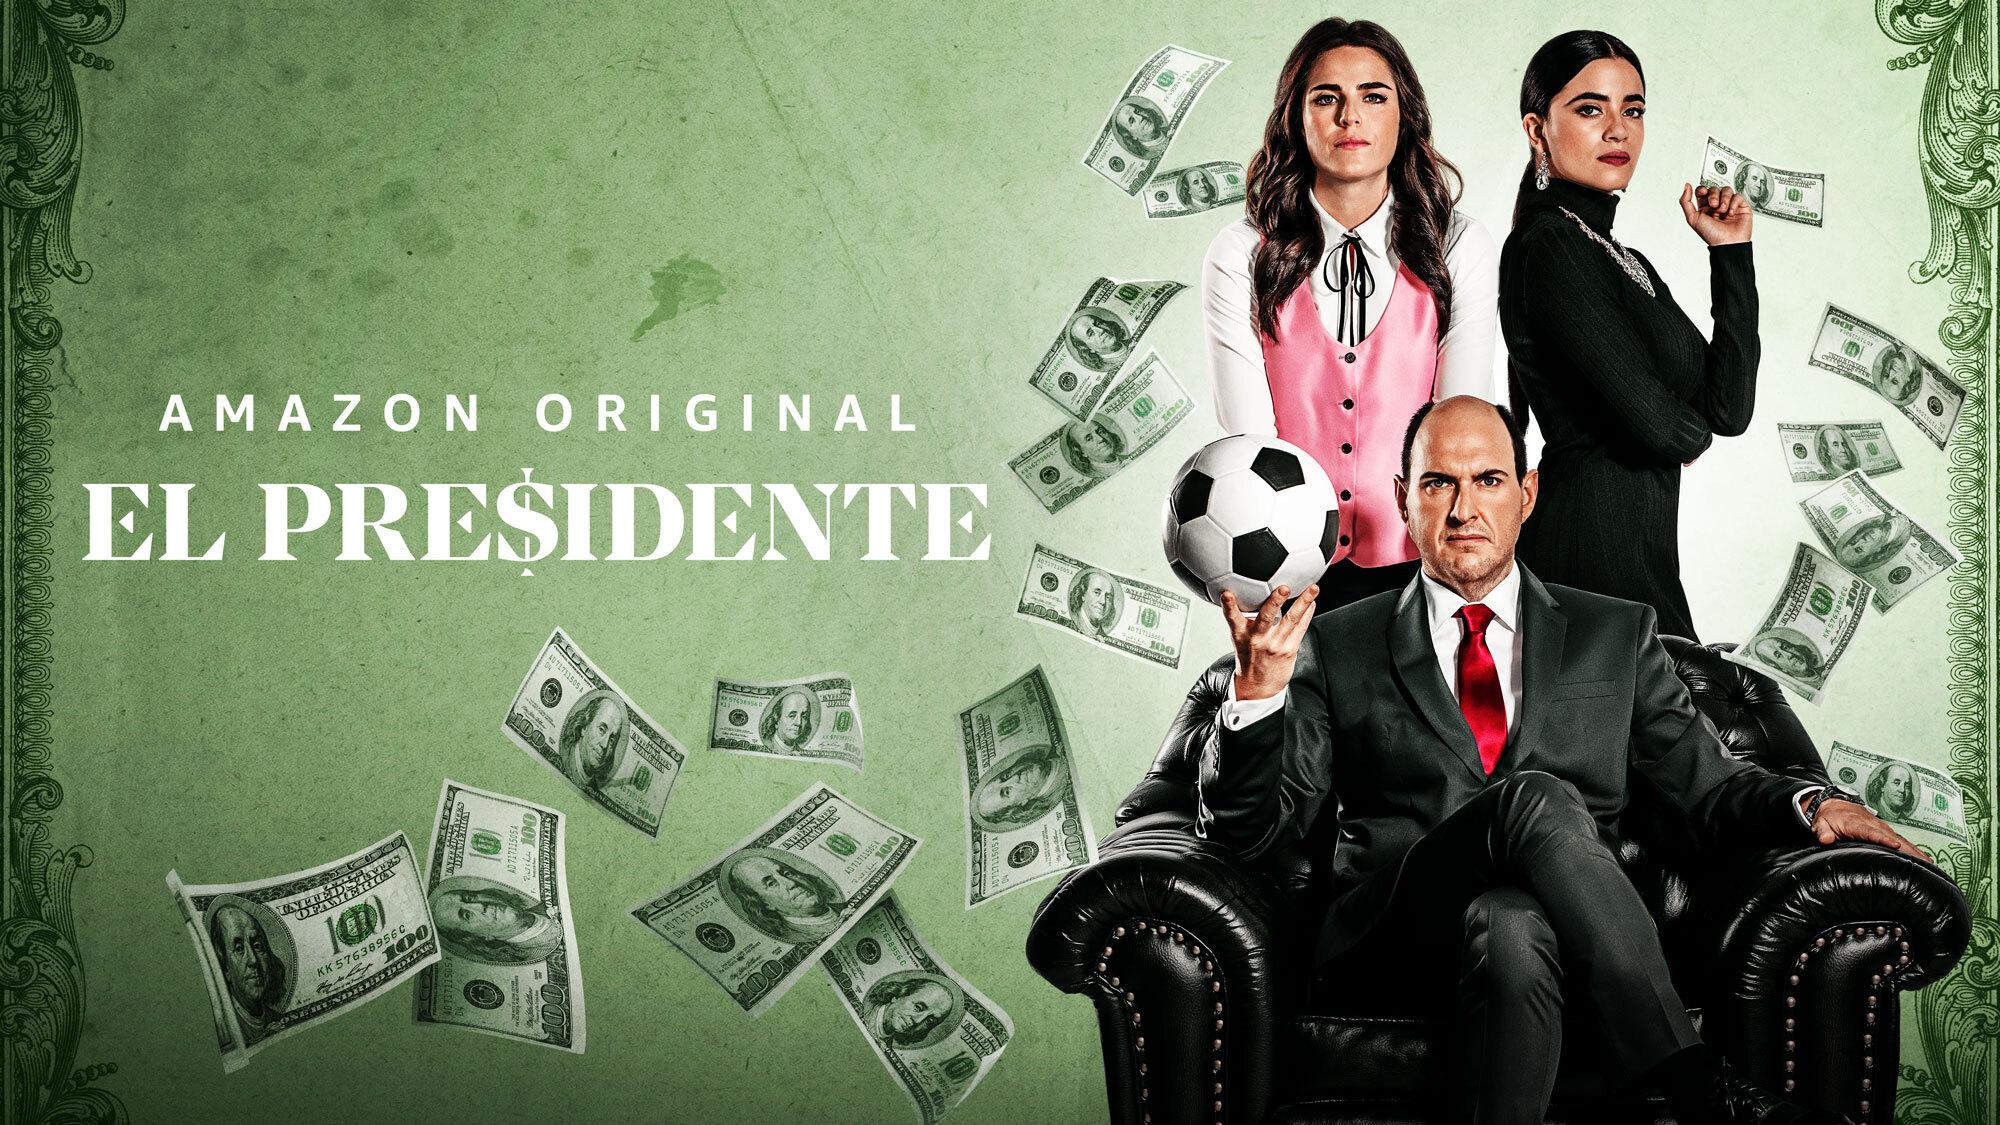 Amazon Prime Video revela tráiler y lanzamiento de El Presidente, la serie sobre el FIFA GATE